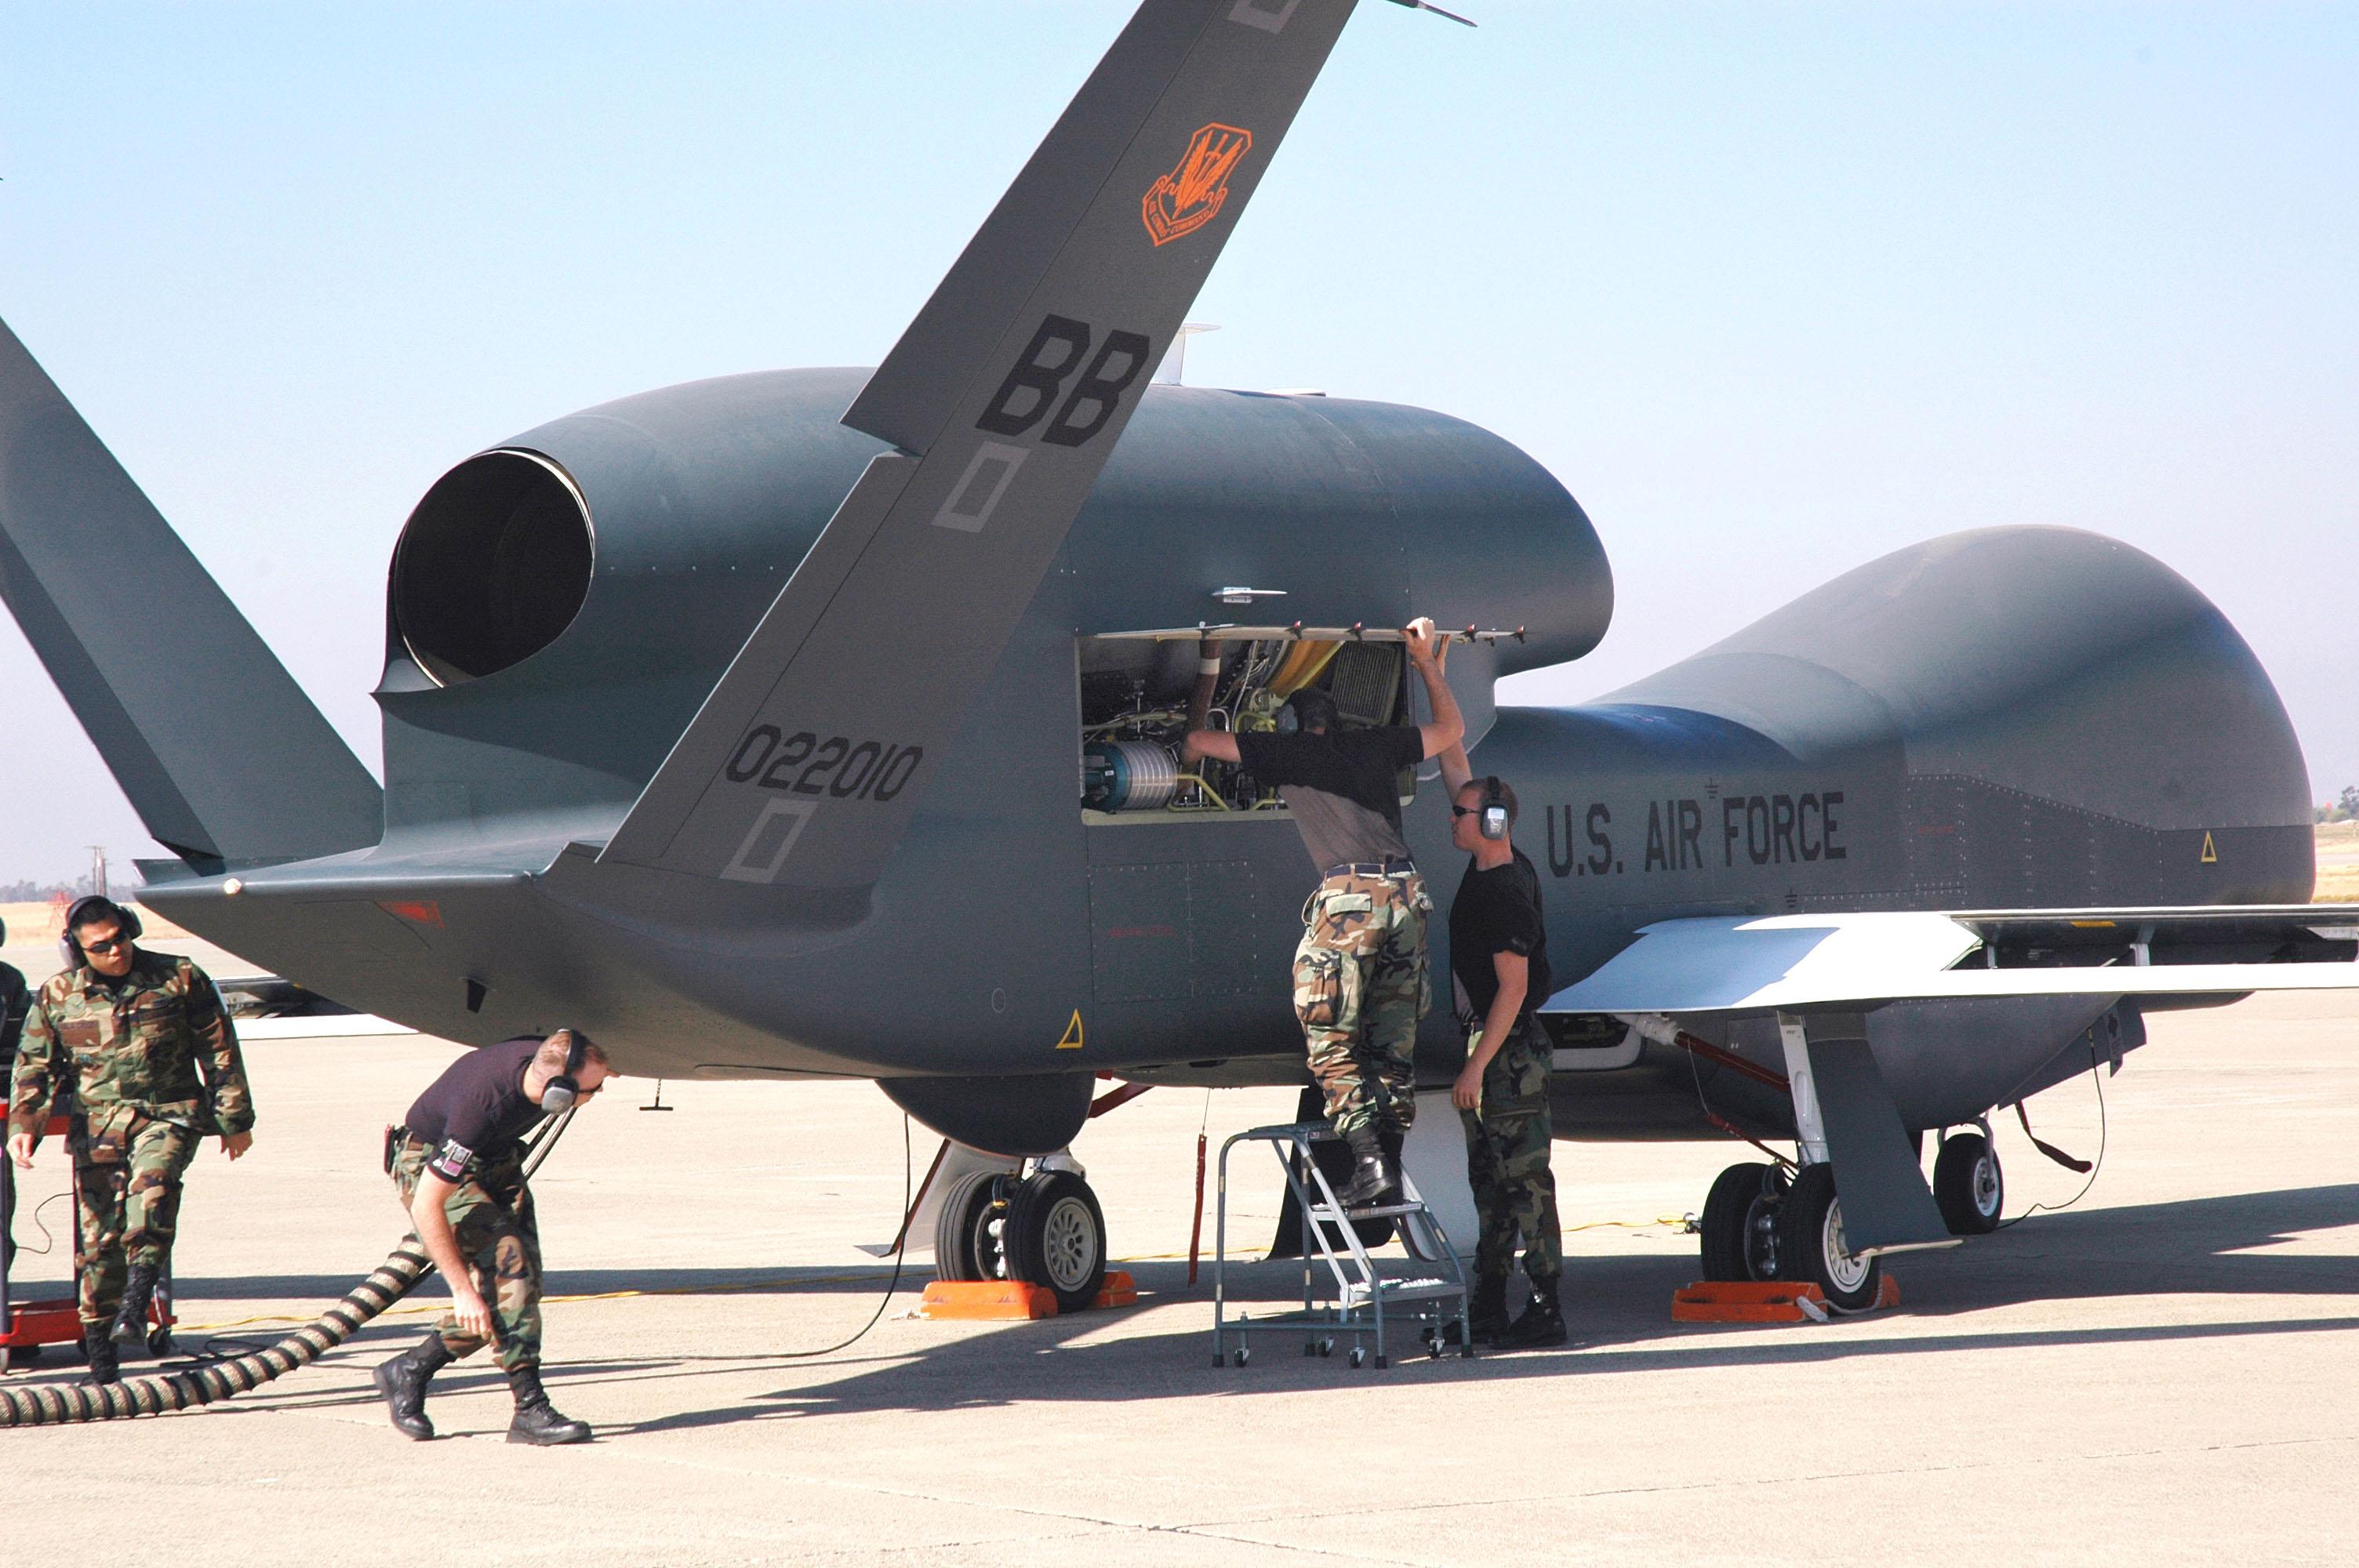 The  U.S. Air Force RQ-4 Global Hawk